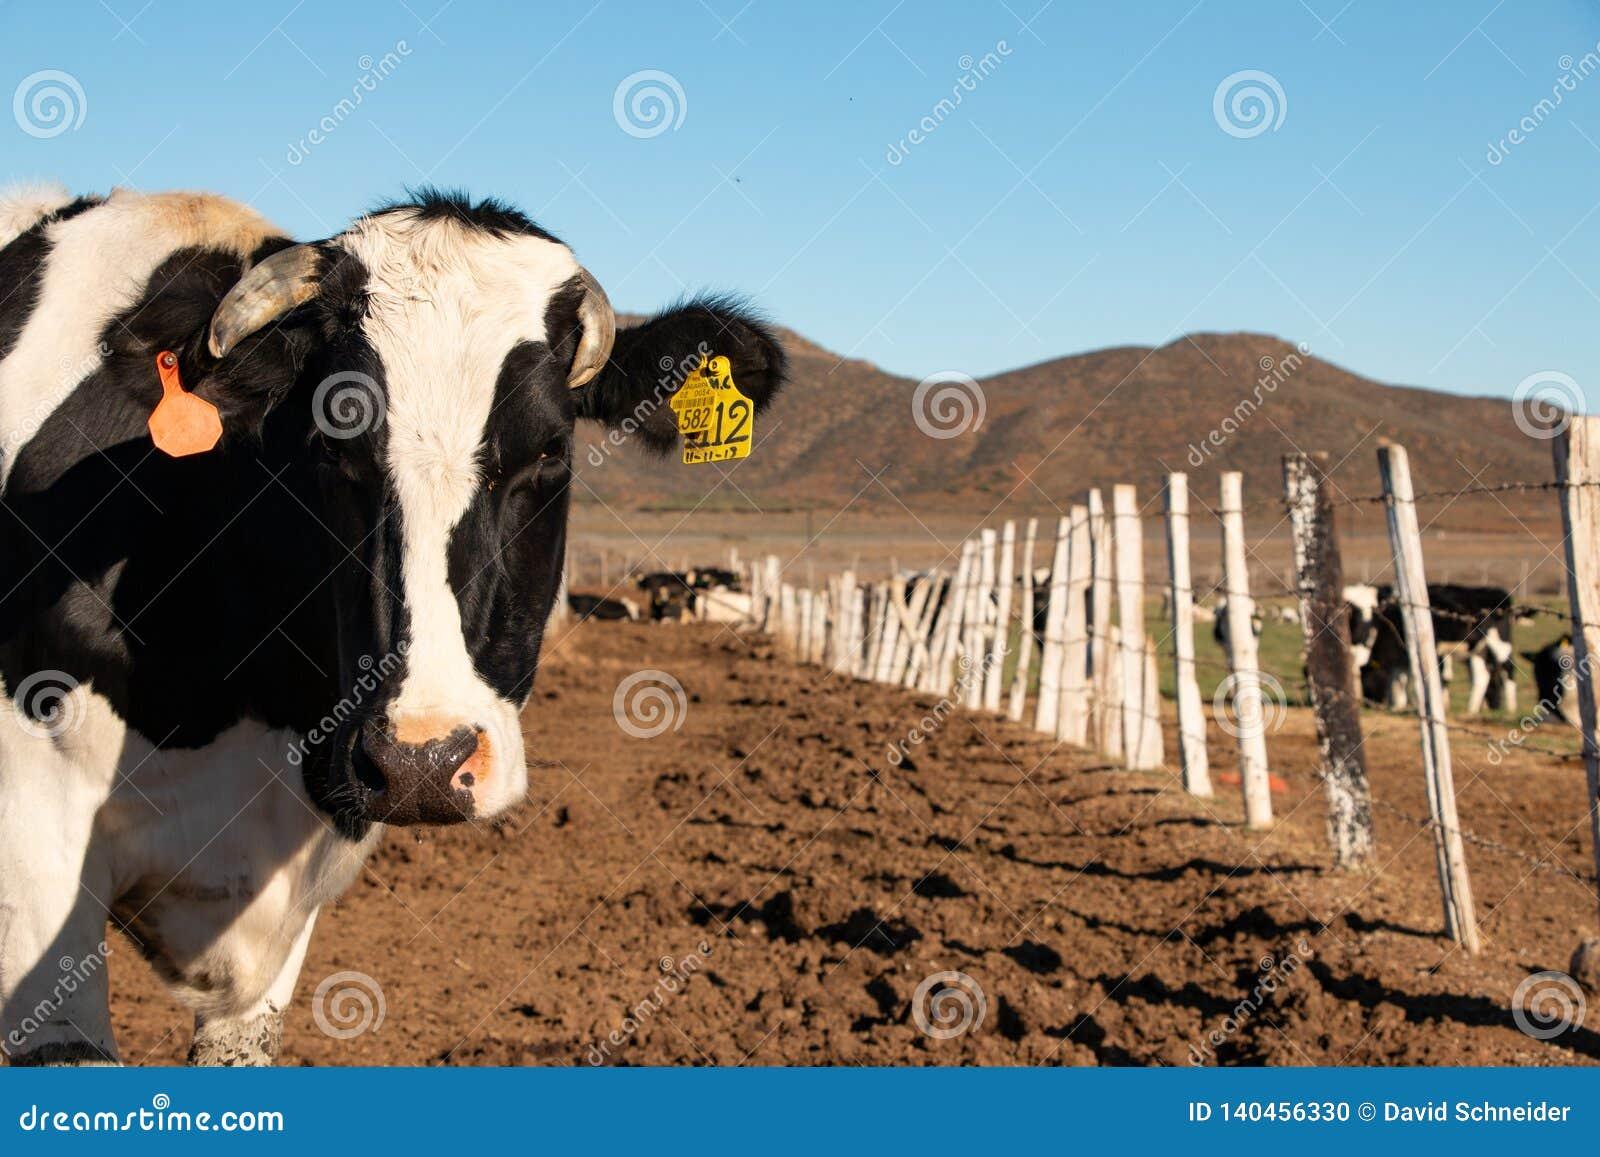 Vaches laitières dans un rancho de production de fromage chez Ojos Negros, Mexique